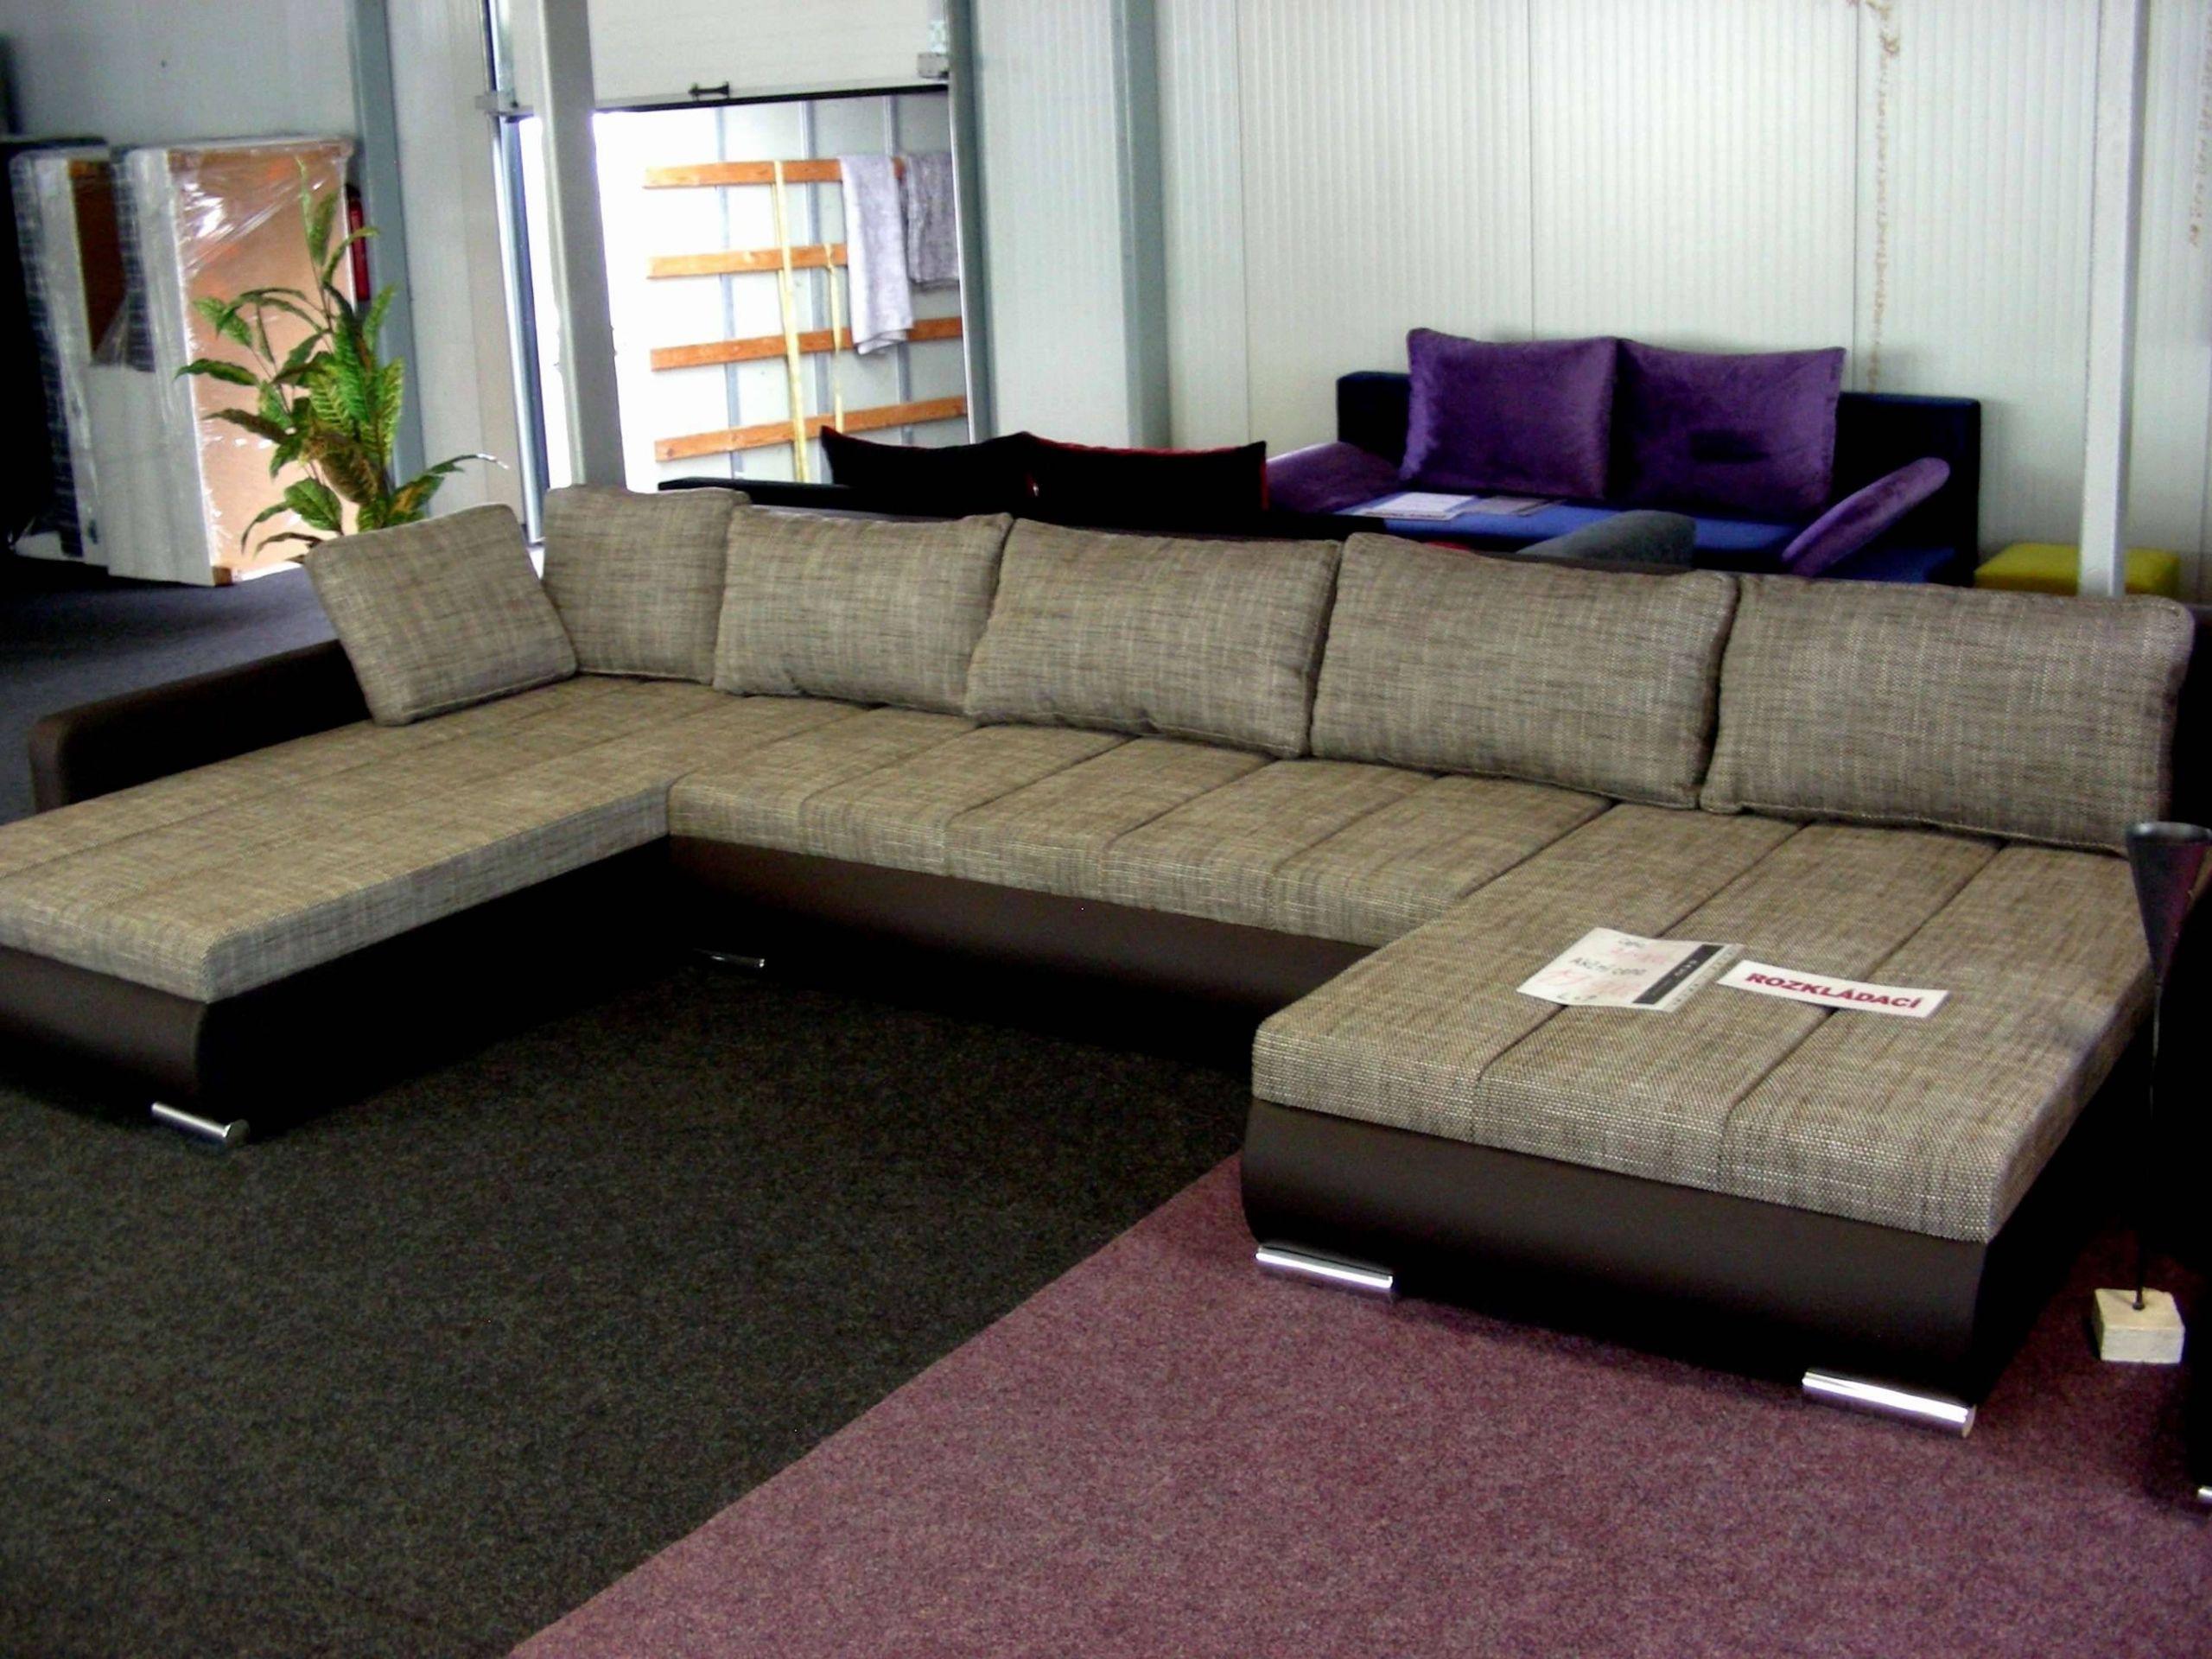 deko aus holz fur wohnzimmer best of 45 neu deko fur wohnzimmer bilder of deko aus holz fur wohnzimmer